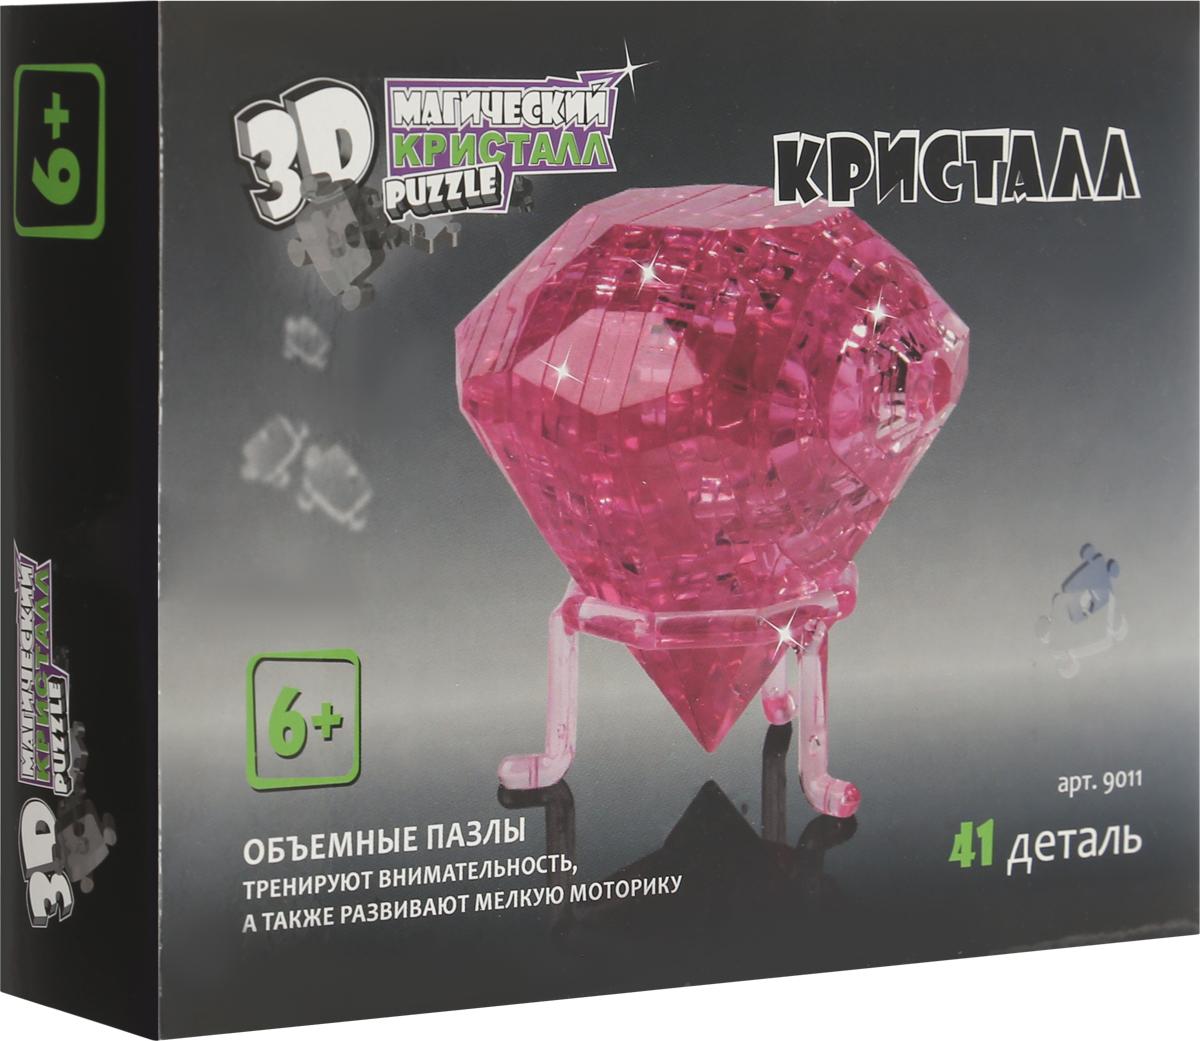 3D Puzzle Магический Кристалл 3D Пазл Кристалл L цвет серый